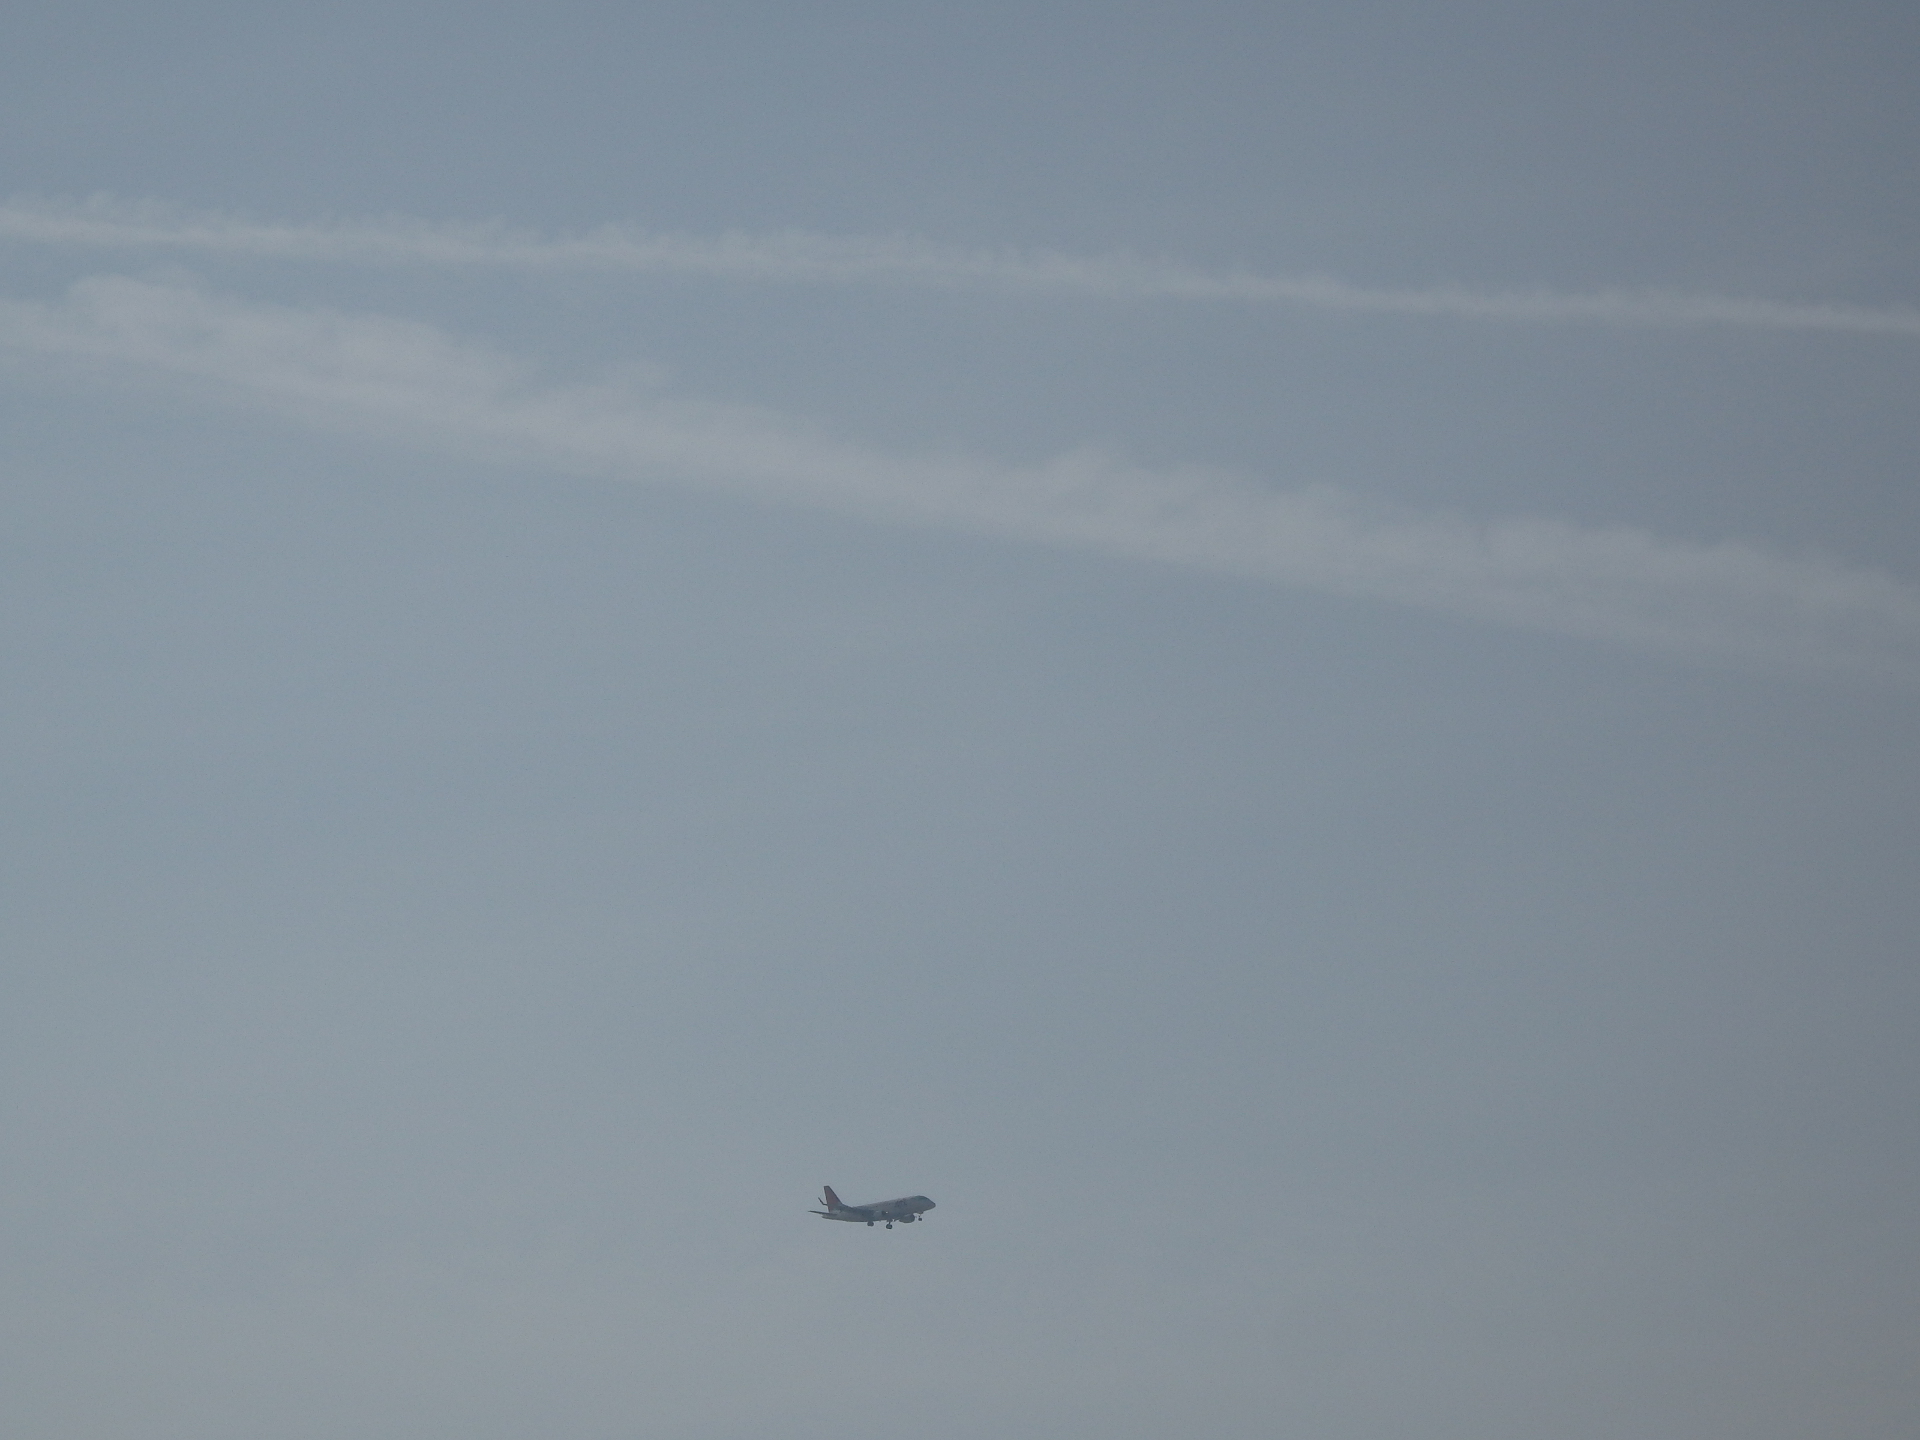 飛行機雲が多いです。